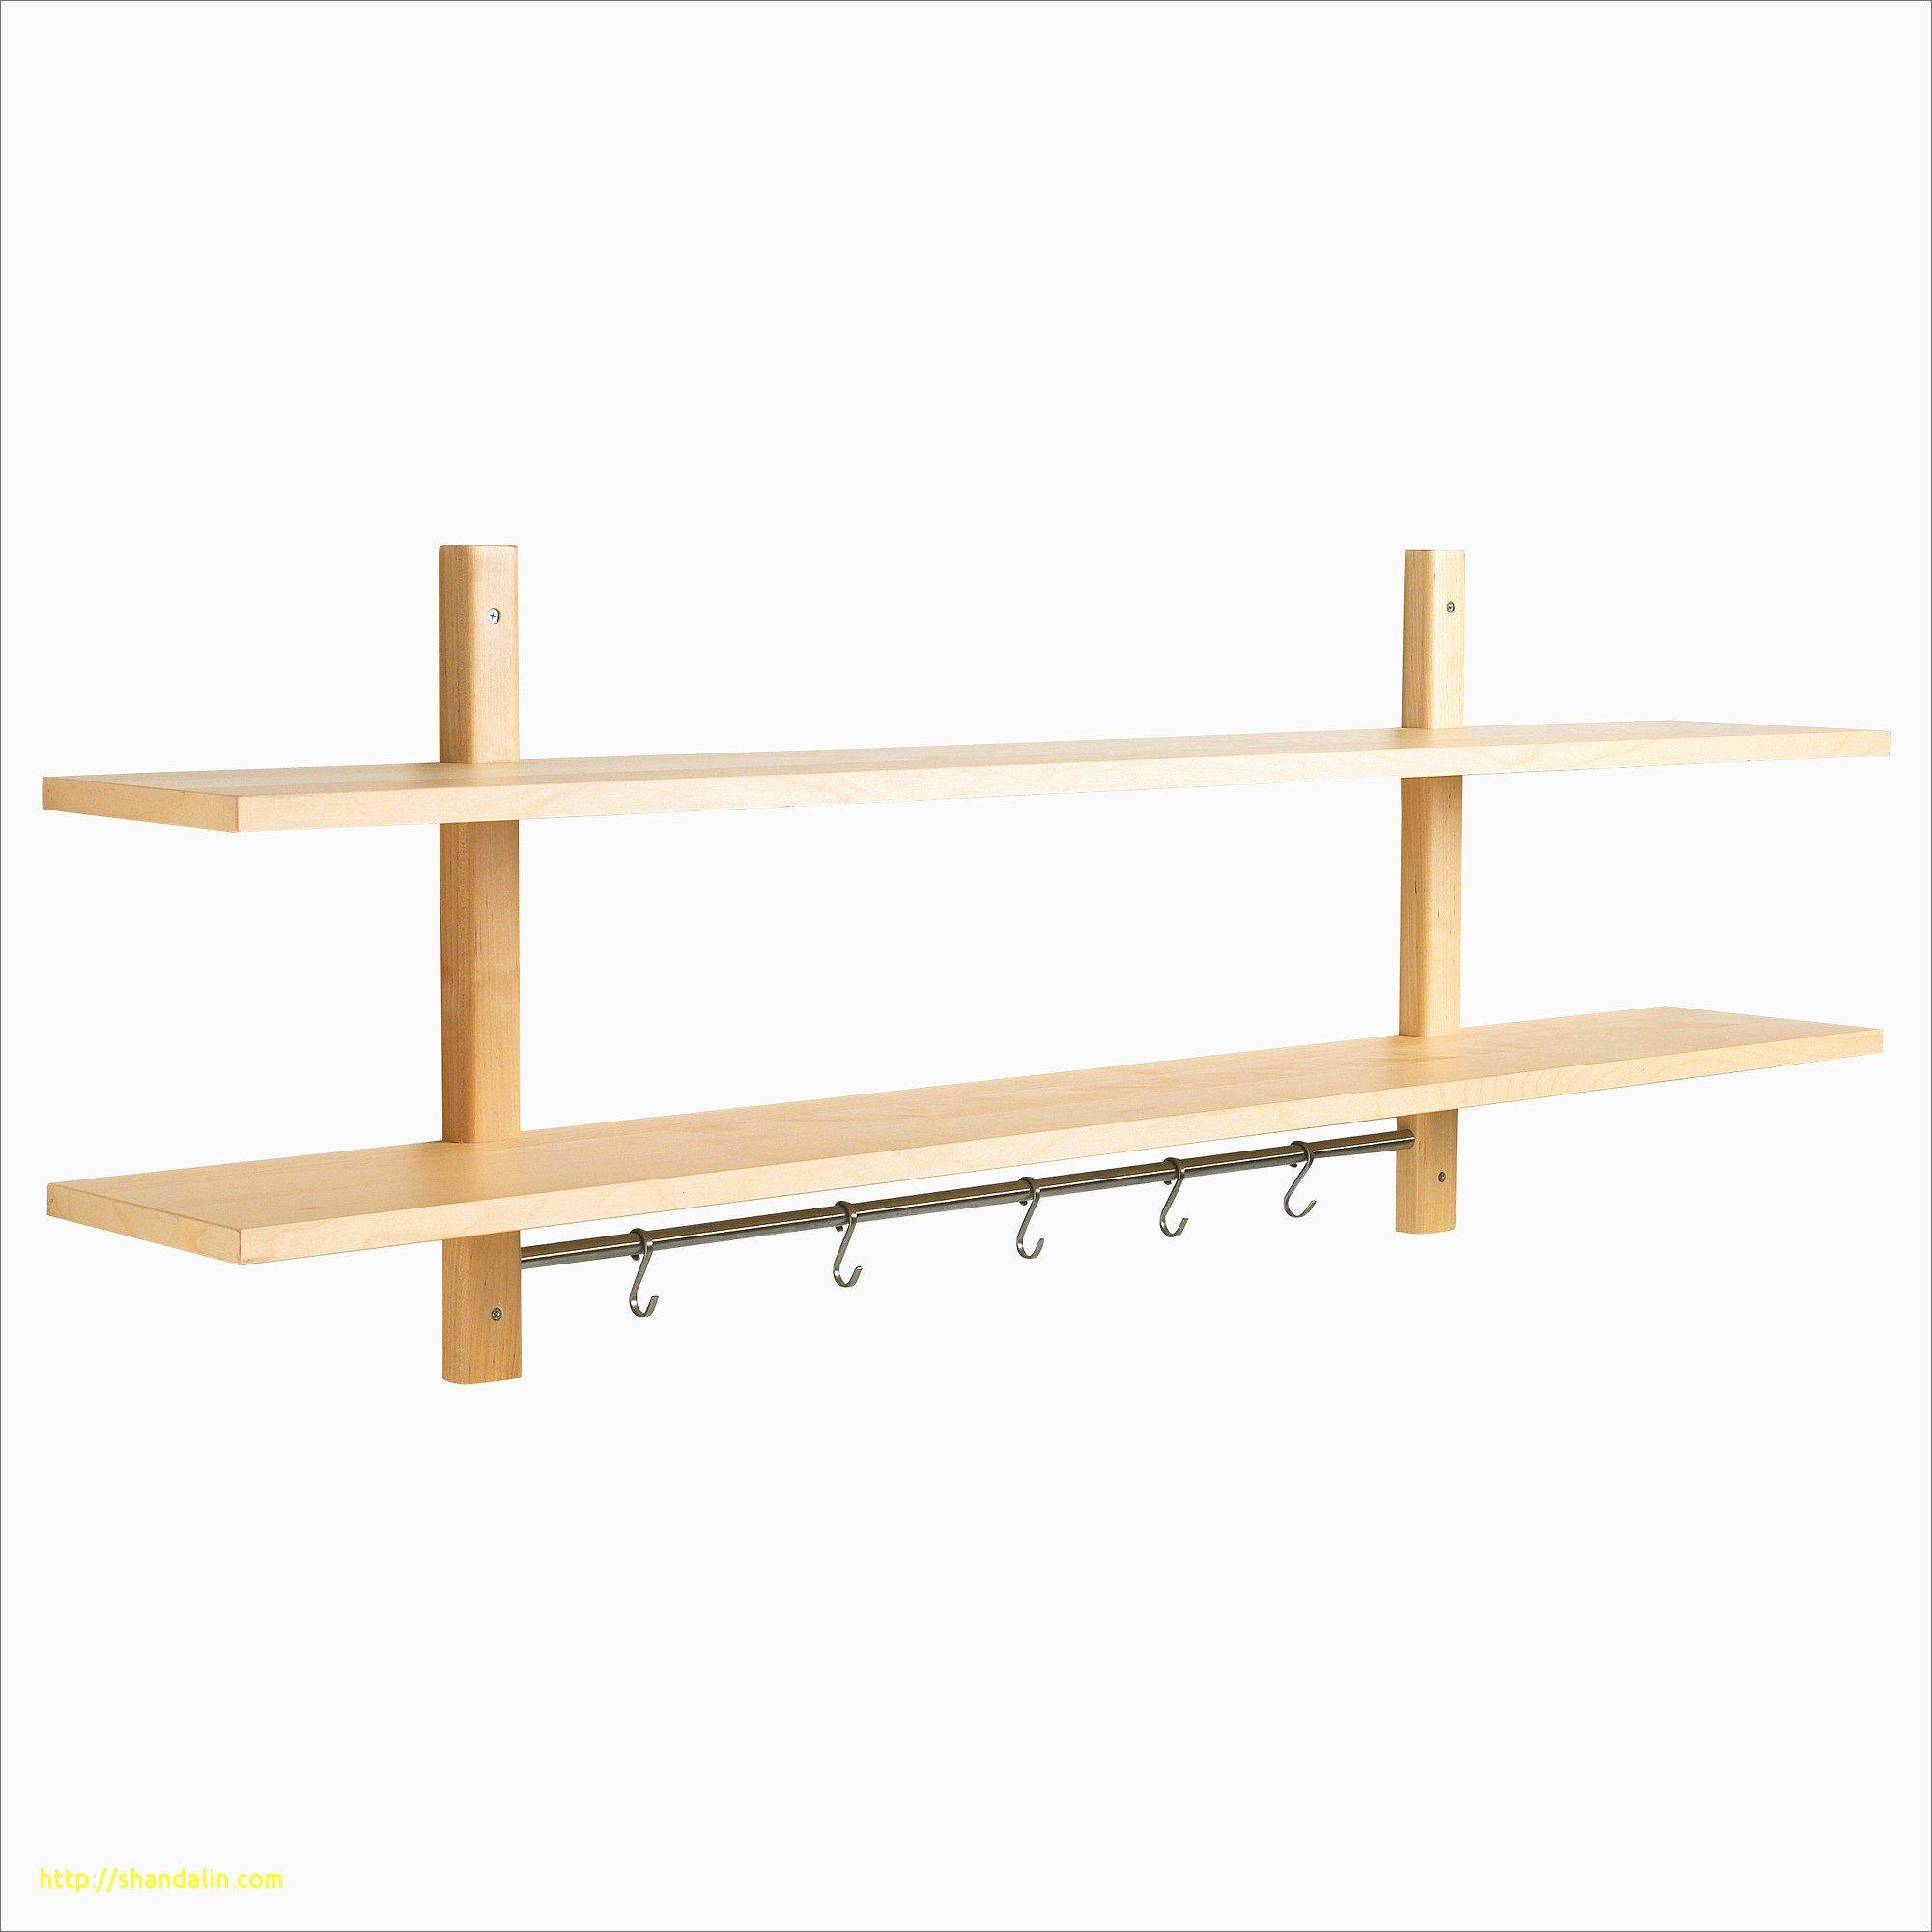 Lit 180×200 Bois Inspiré Tete De Lit 180 Bois Tete De Lit Ikea 180 Fauteuil Salon Ikea Fresh